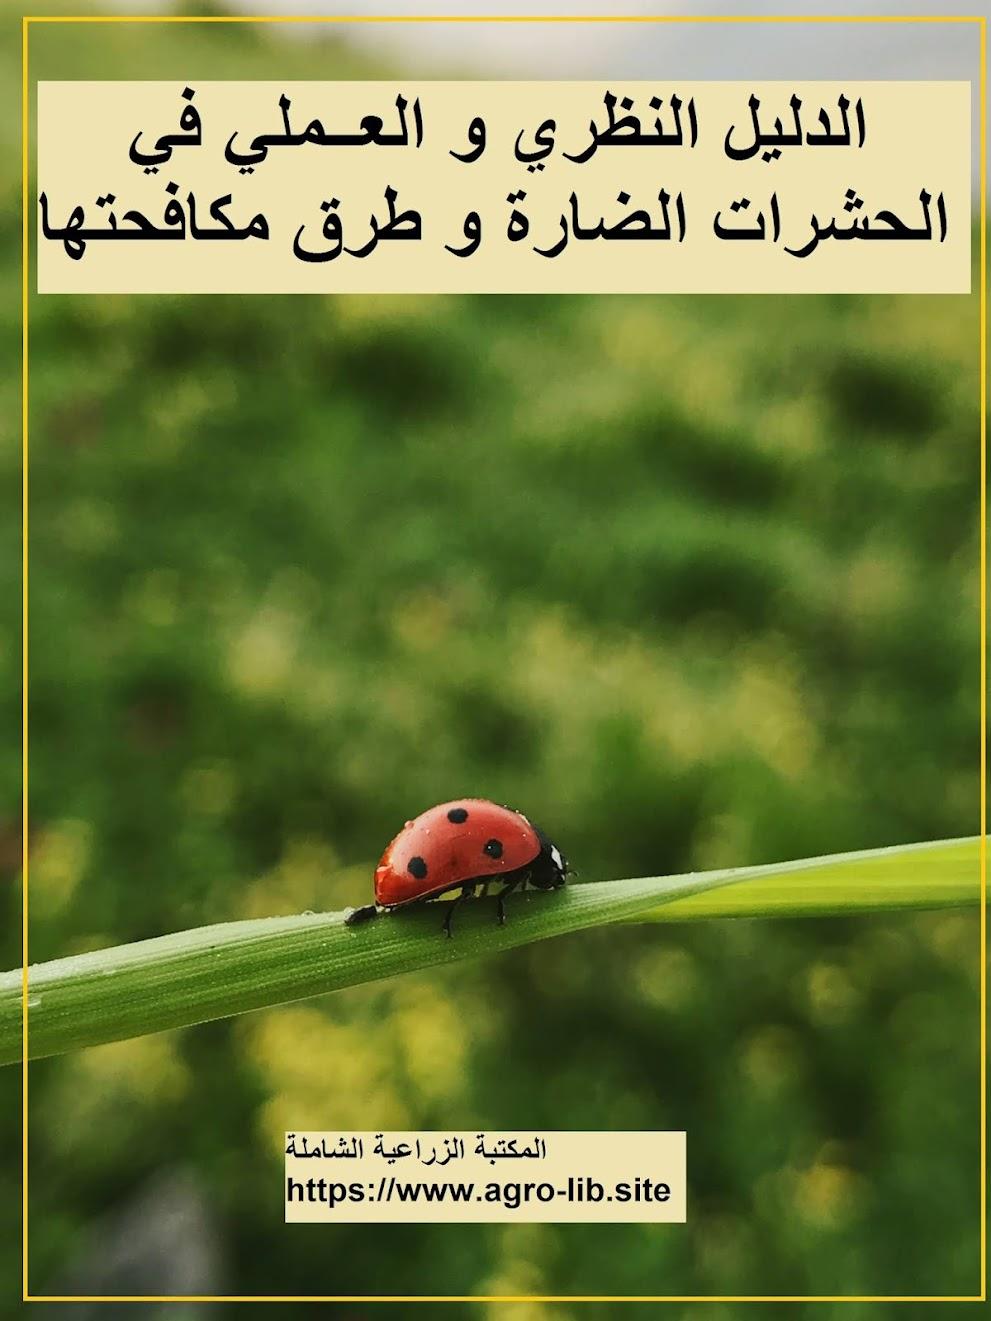 كتاب : الدليل النظري و العملي في الحشرات الضارة و طرق مكافحتها